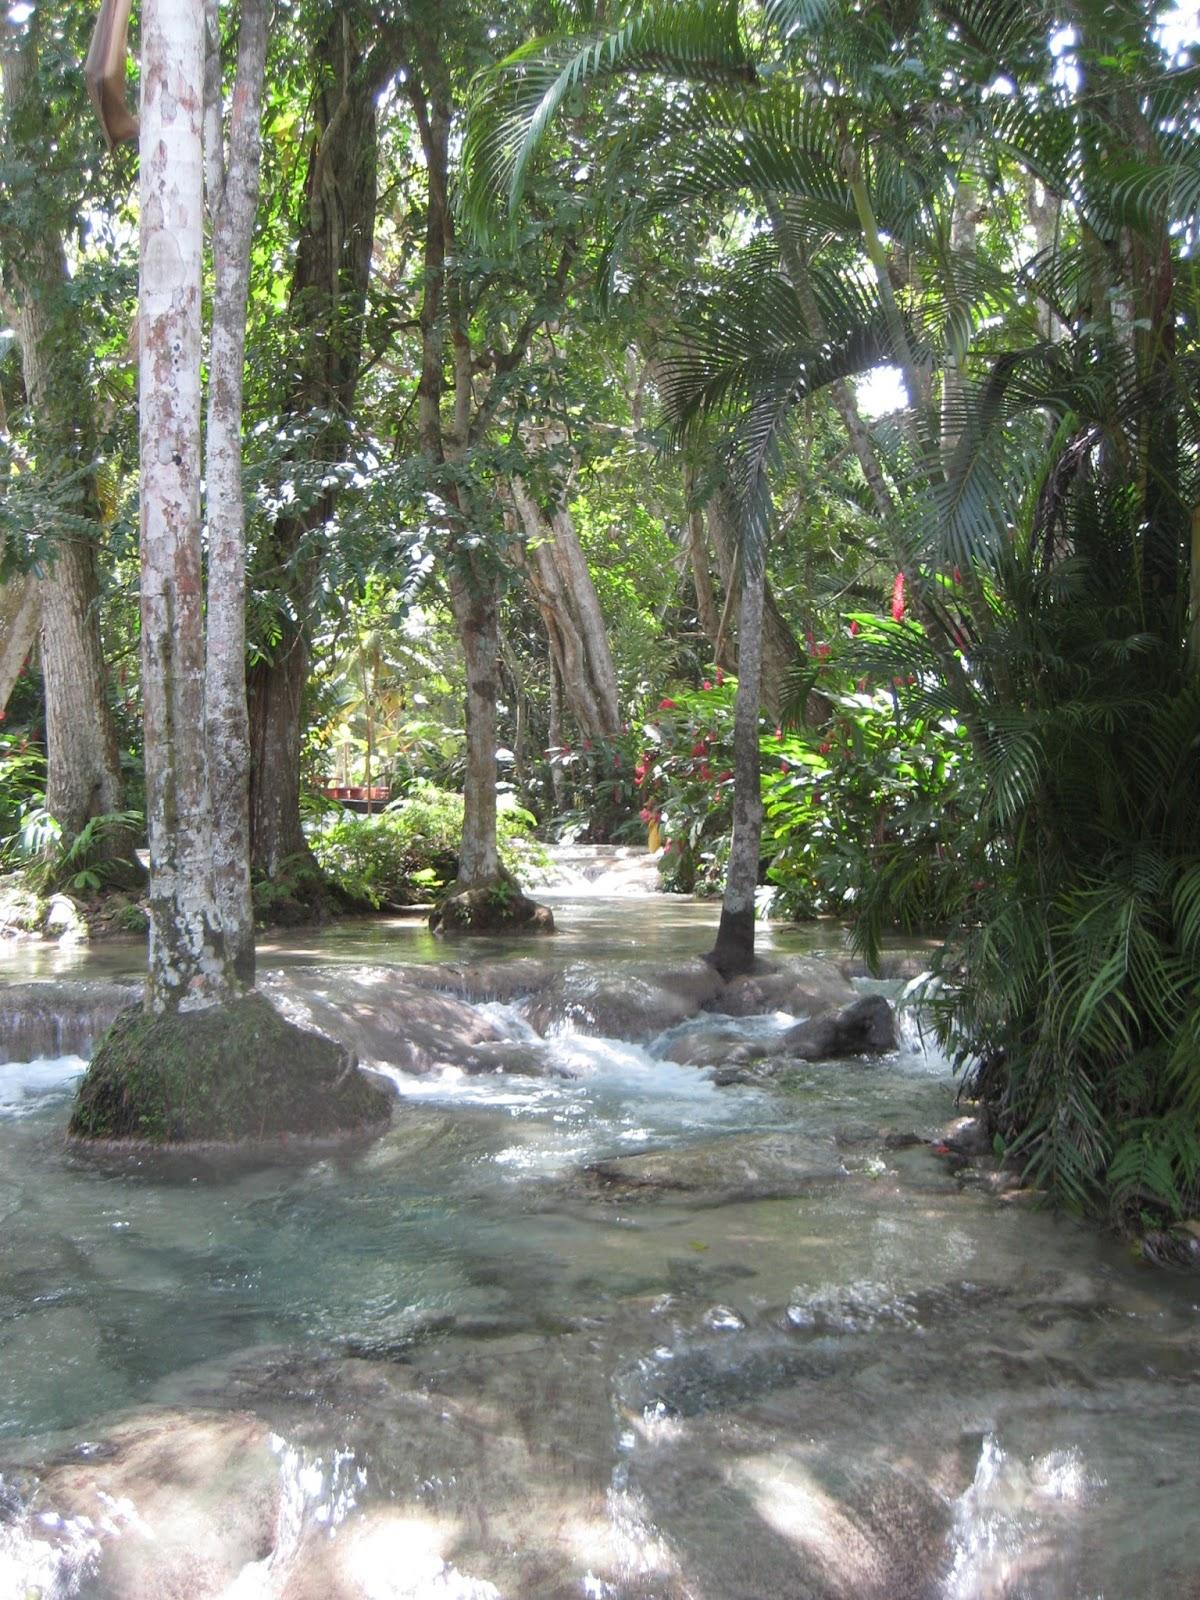 Sandals Grande Riviera in Ocho Rios, Jamaica